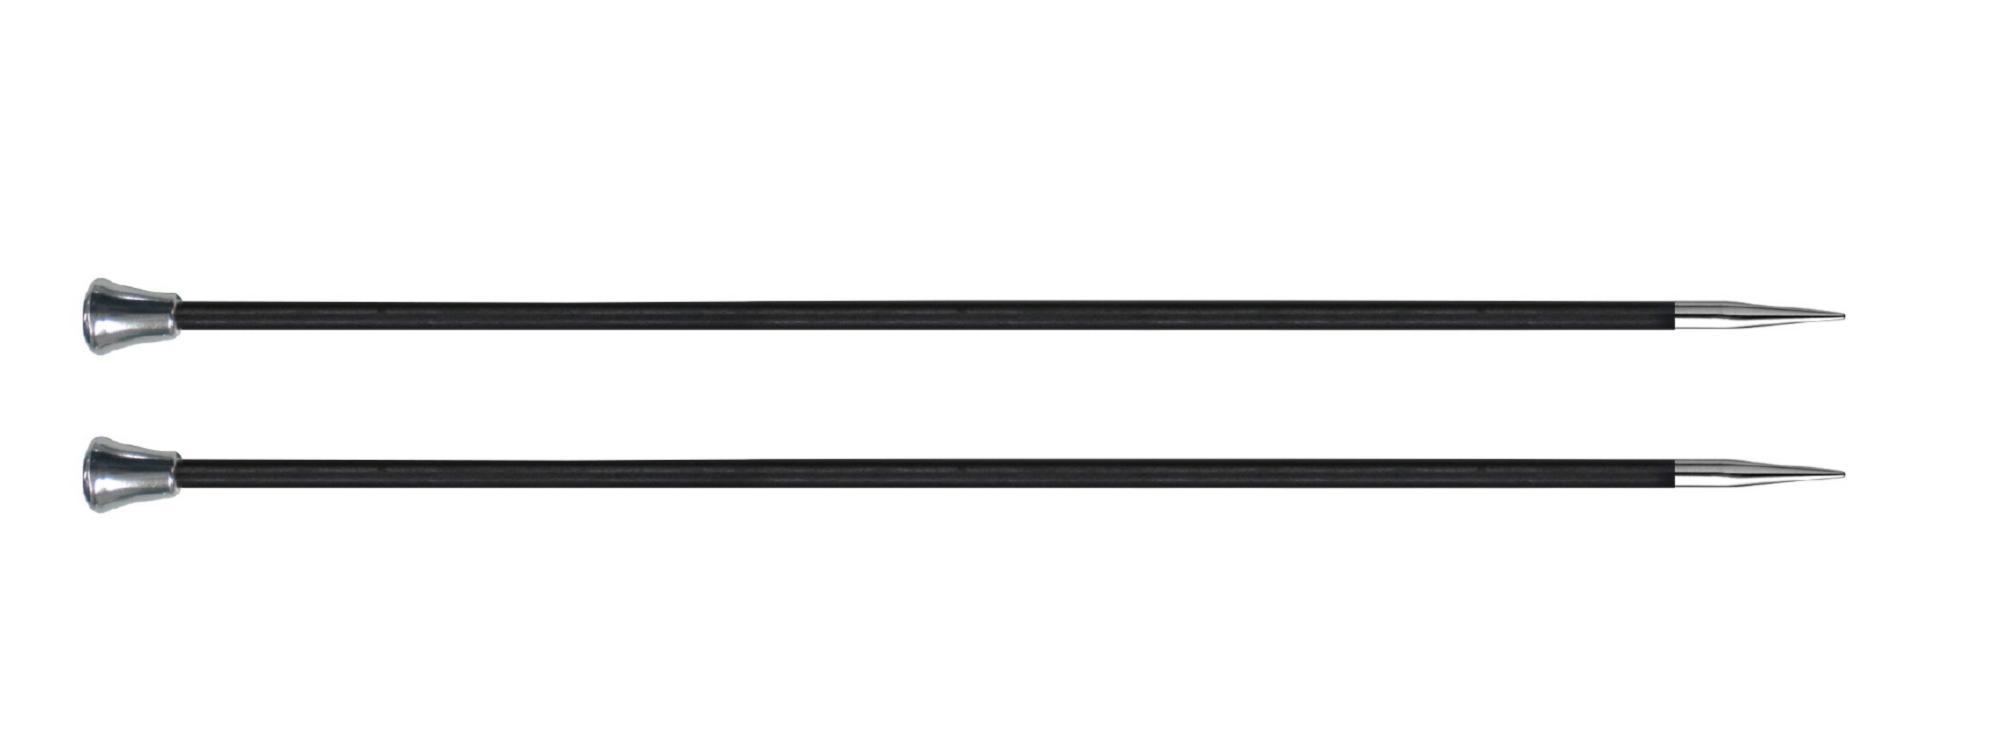 Спицы прямые 35 см Karbonz KnitPro, 41288, 4.00 мм